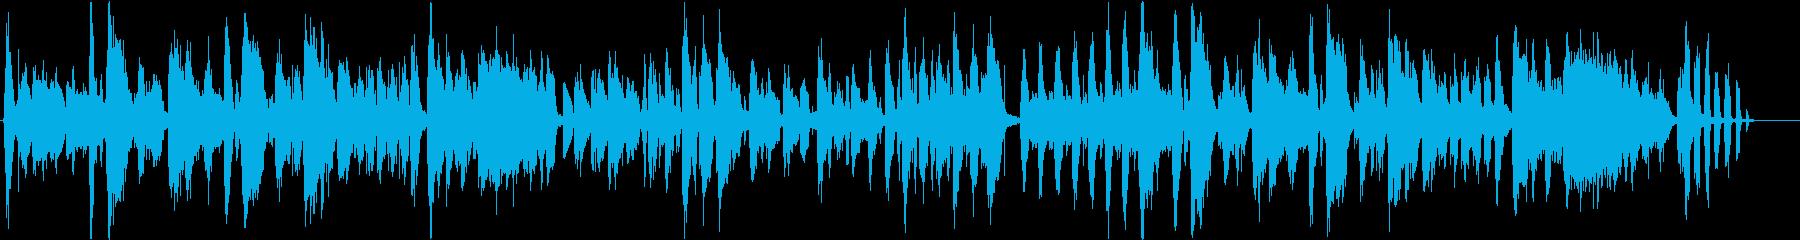 歯をテーマにした楽曲の再生済みの波形